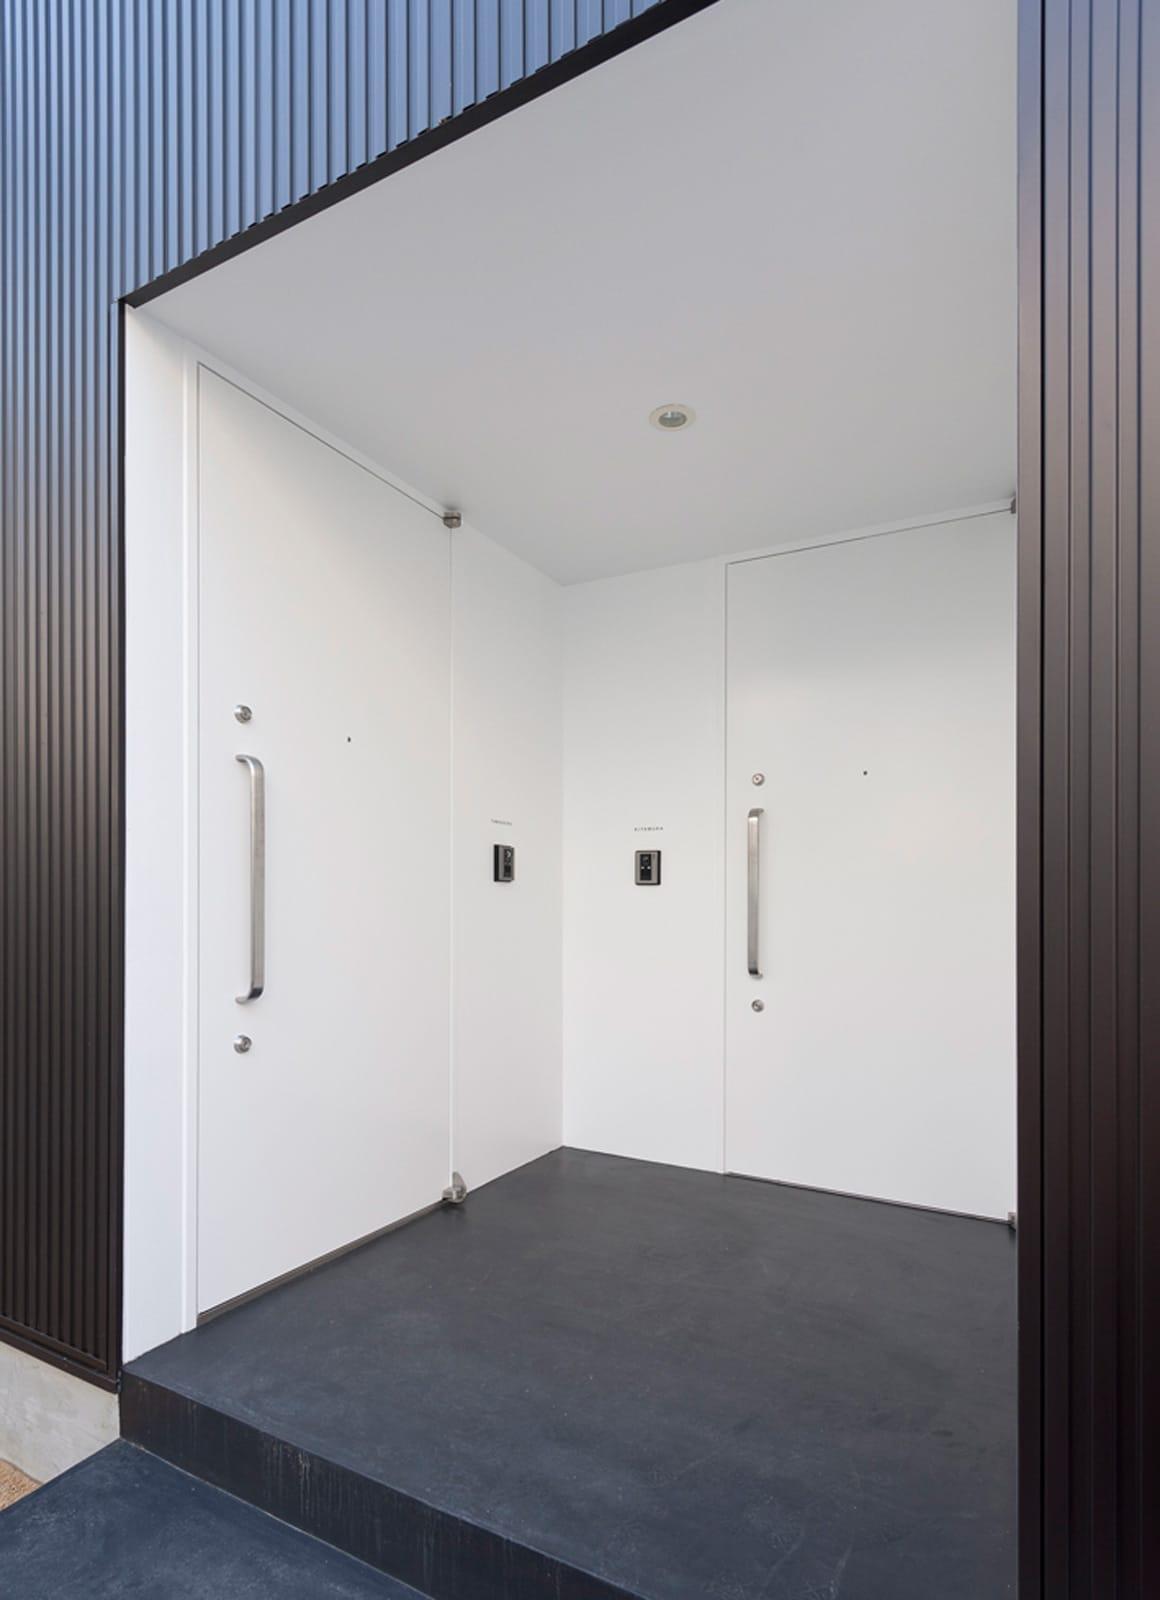 都市型三世帯住宅のポーチ・玄関扉1